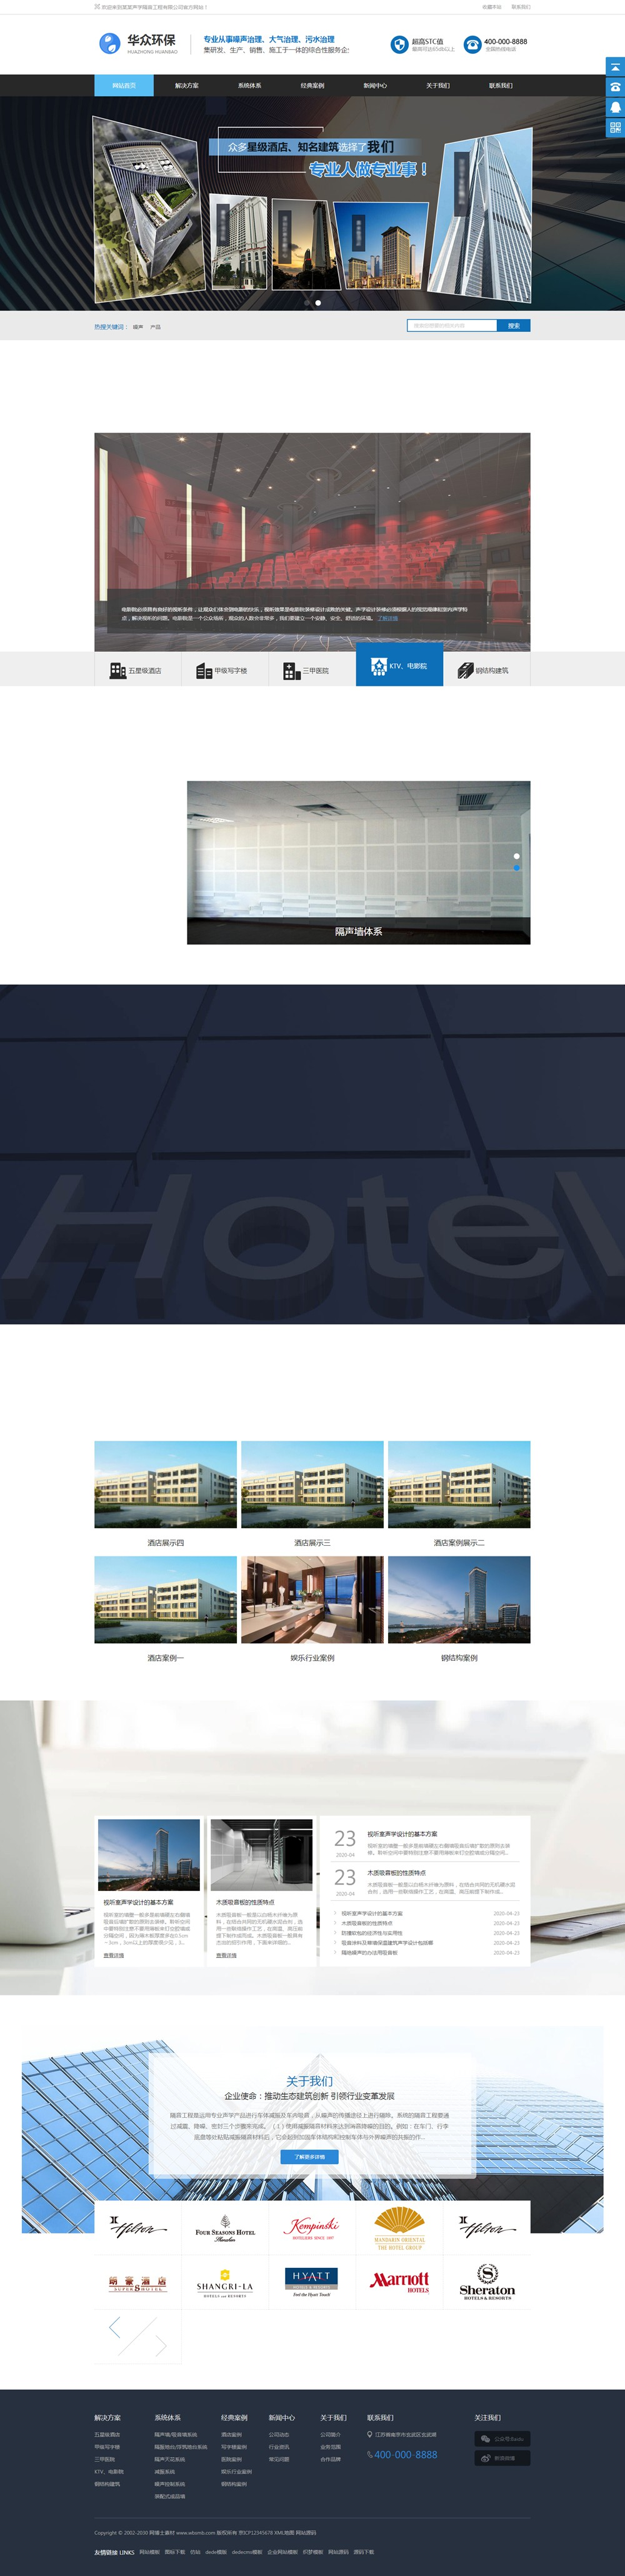 (带手机版数据同步)蓝色大气隔声装饰工程公司类网站织梦模板 营销型工程装饰网站